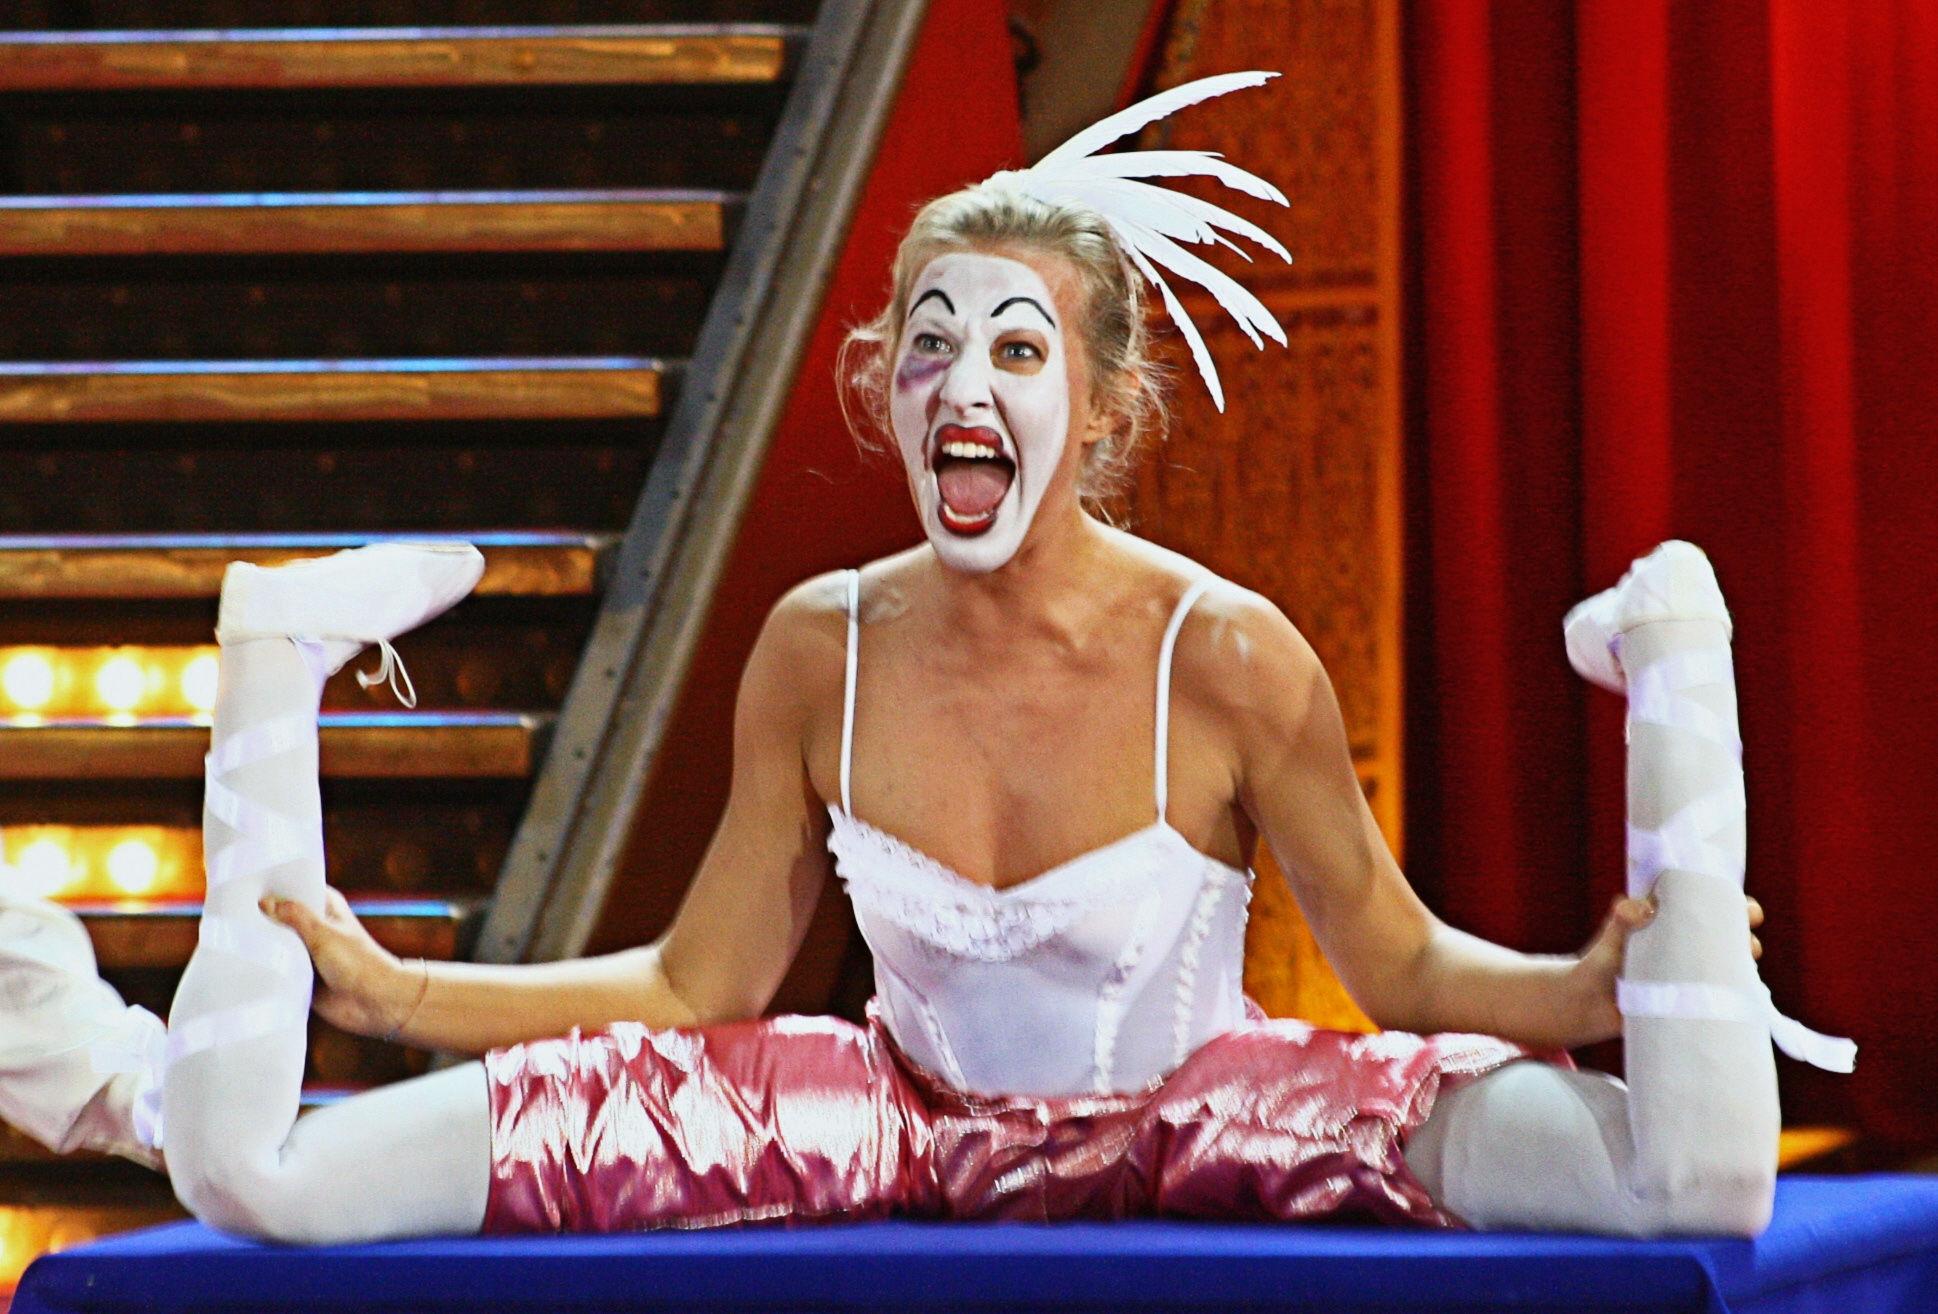 2000. Телеведущая Ксения Собчак во время съемок шоу «Цирк со звездами»